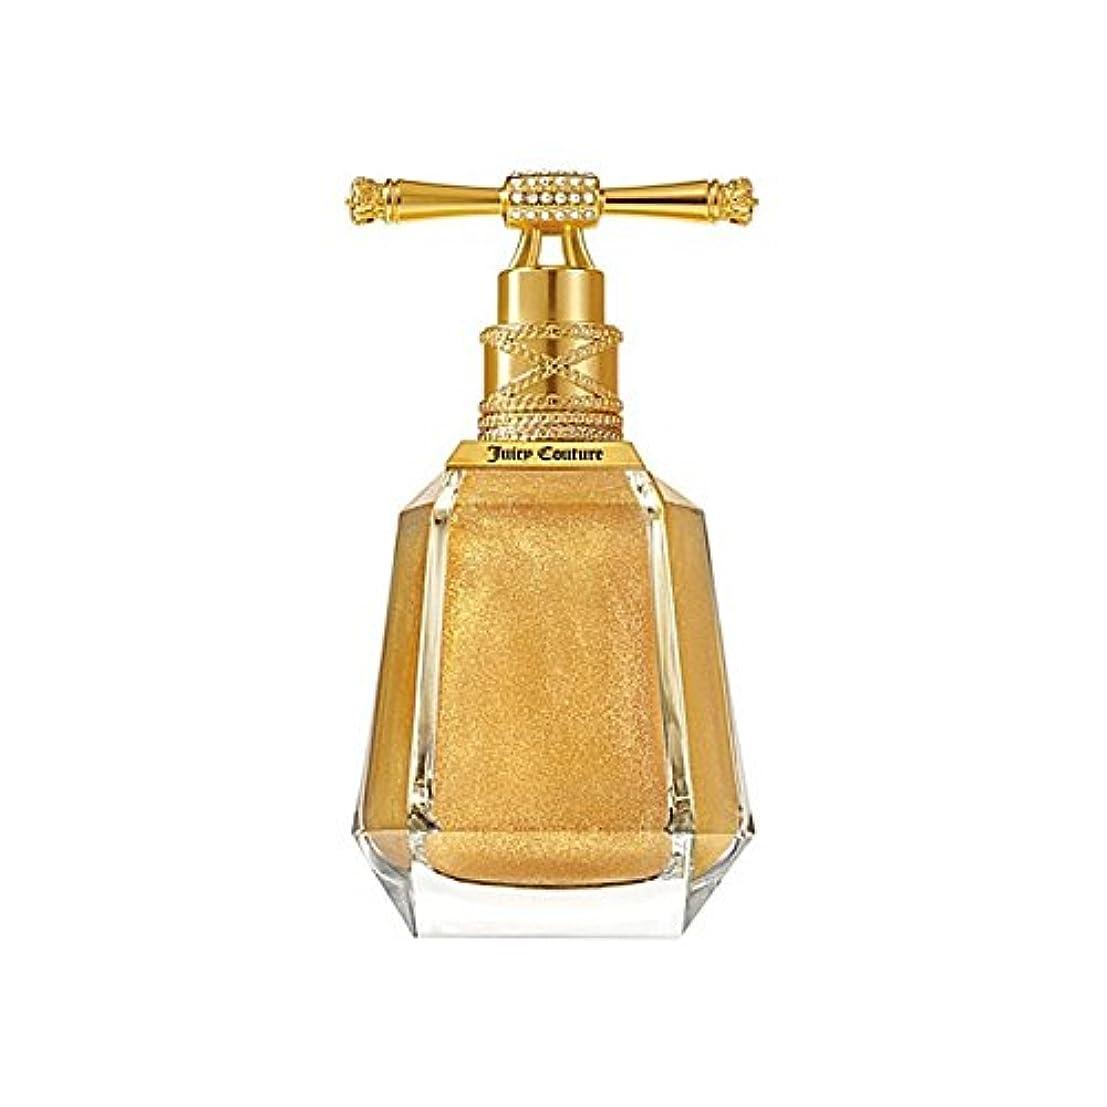 夫醜いポンドJuicy Couture Dry Oil Shimmer Mist 100ml - ジューシークチュールドライオイルきらめきミスト100ミリリットル [並行輸入品]